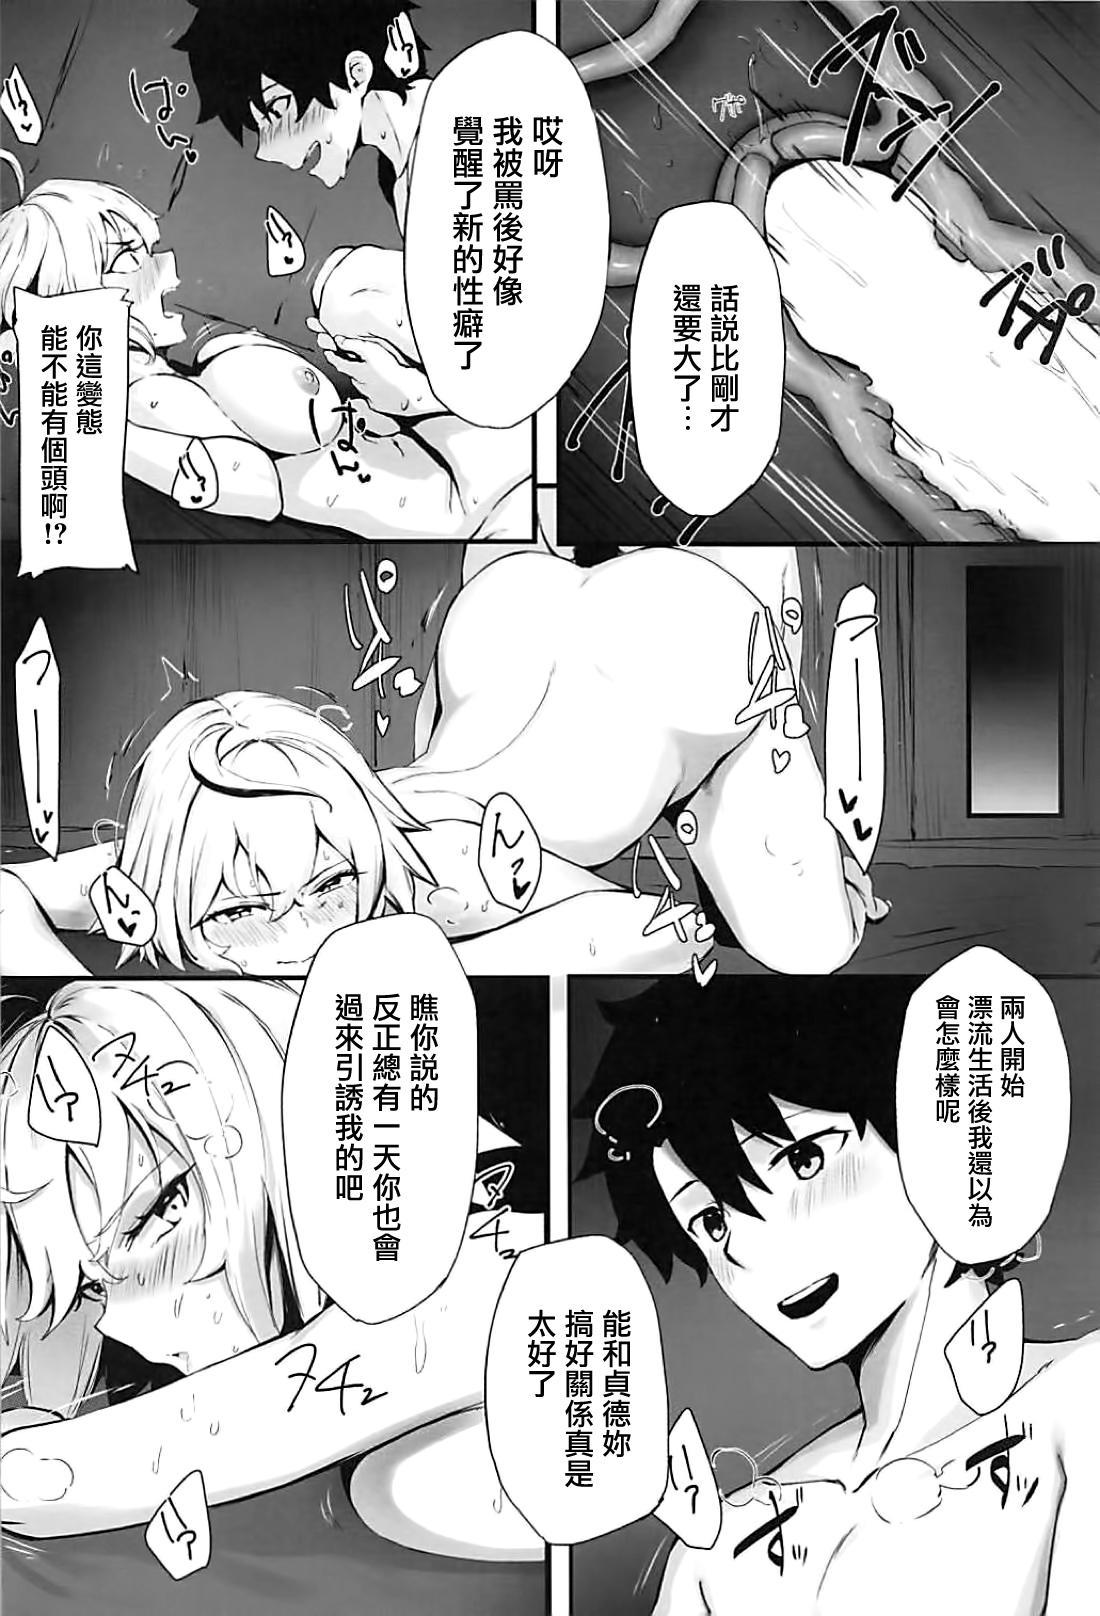 Jeanne to Nakayoshi Mujintou Seikatsu 12